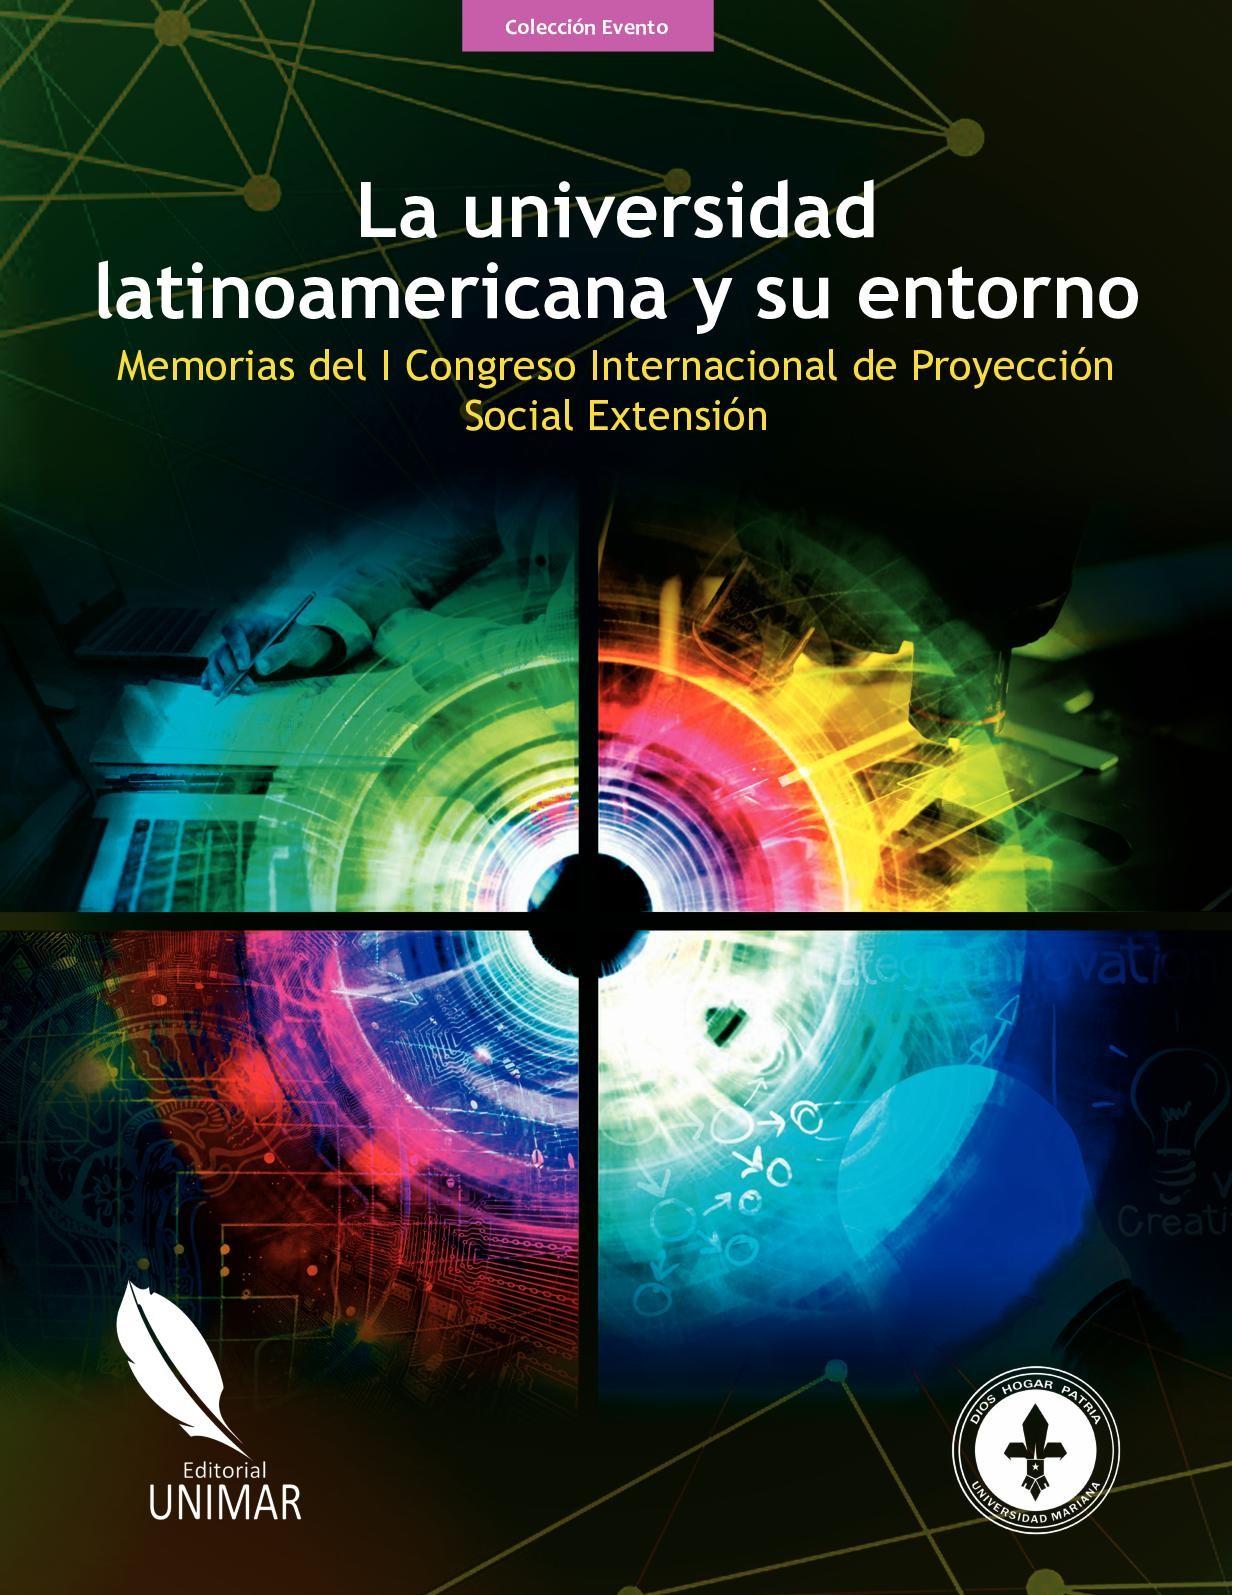 Udenar Inscripciones Calendario 2019 Colombia Enero Mejores Y Más Novedosos Calaméo La Universidad Latinoamericana Y Su Entorno Final